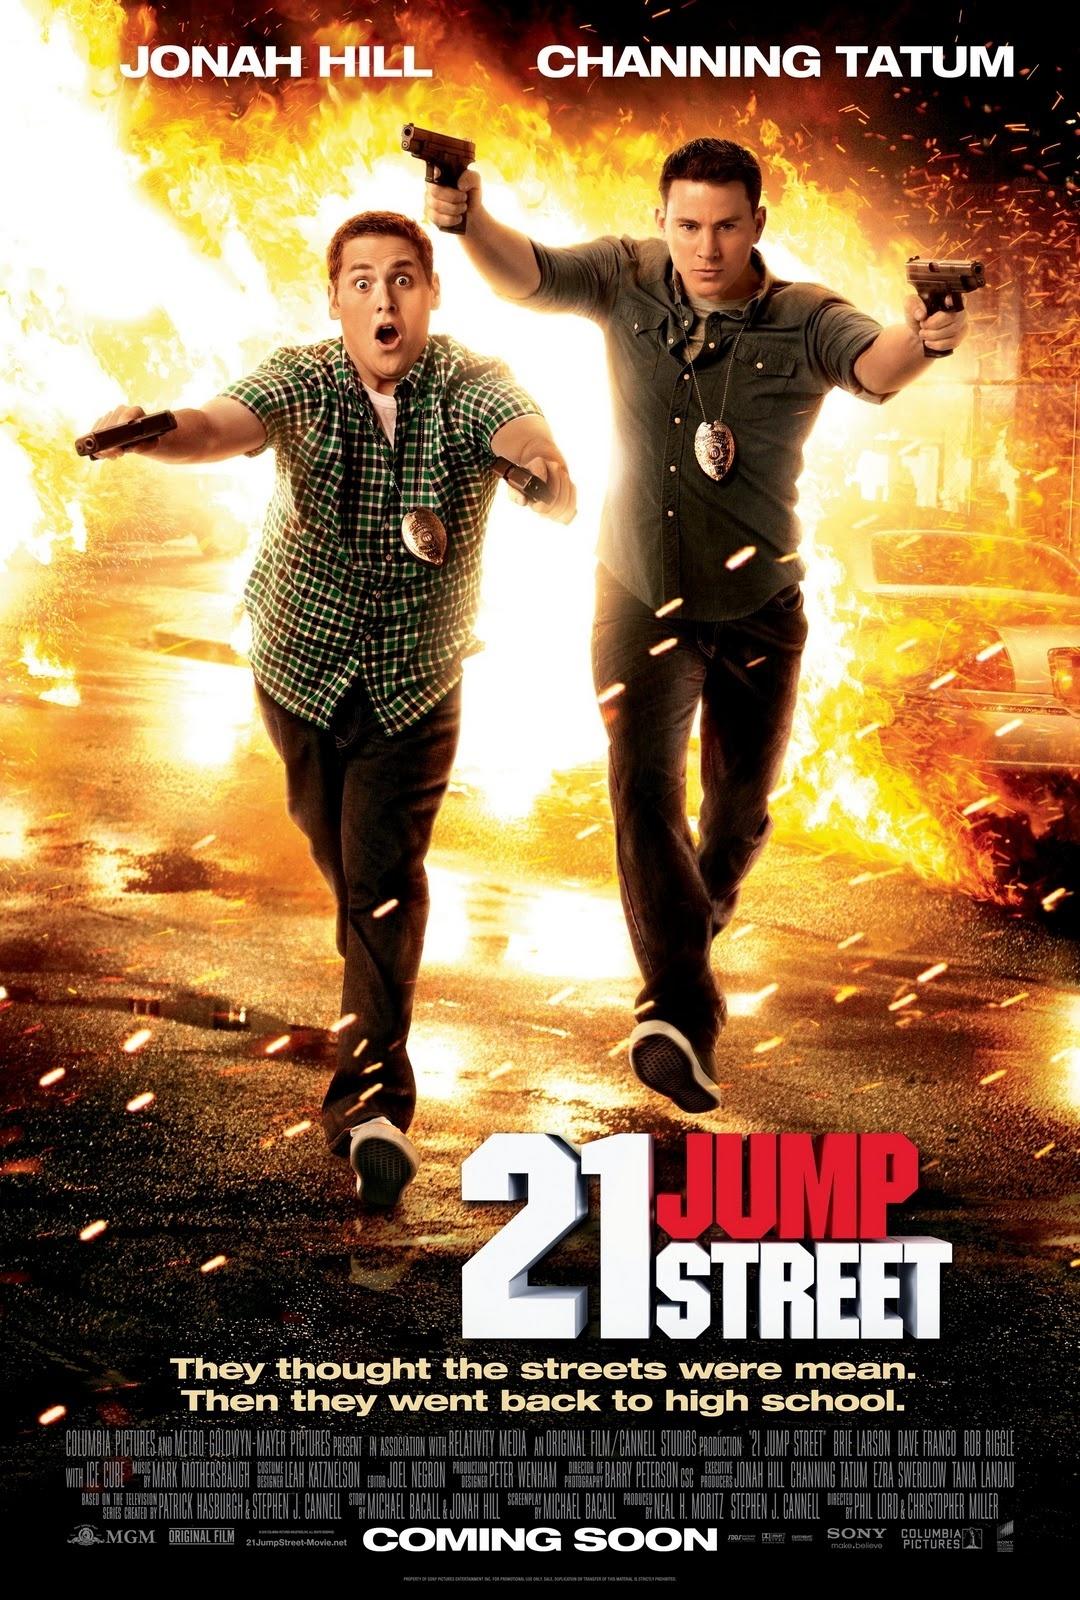 21 jump street movie stream online free